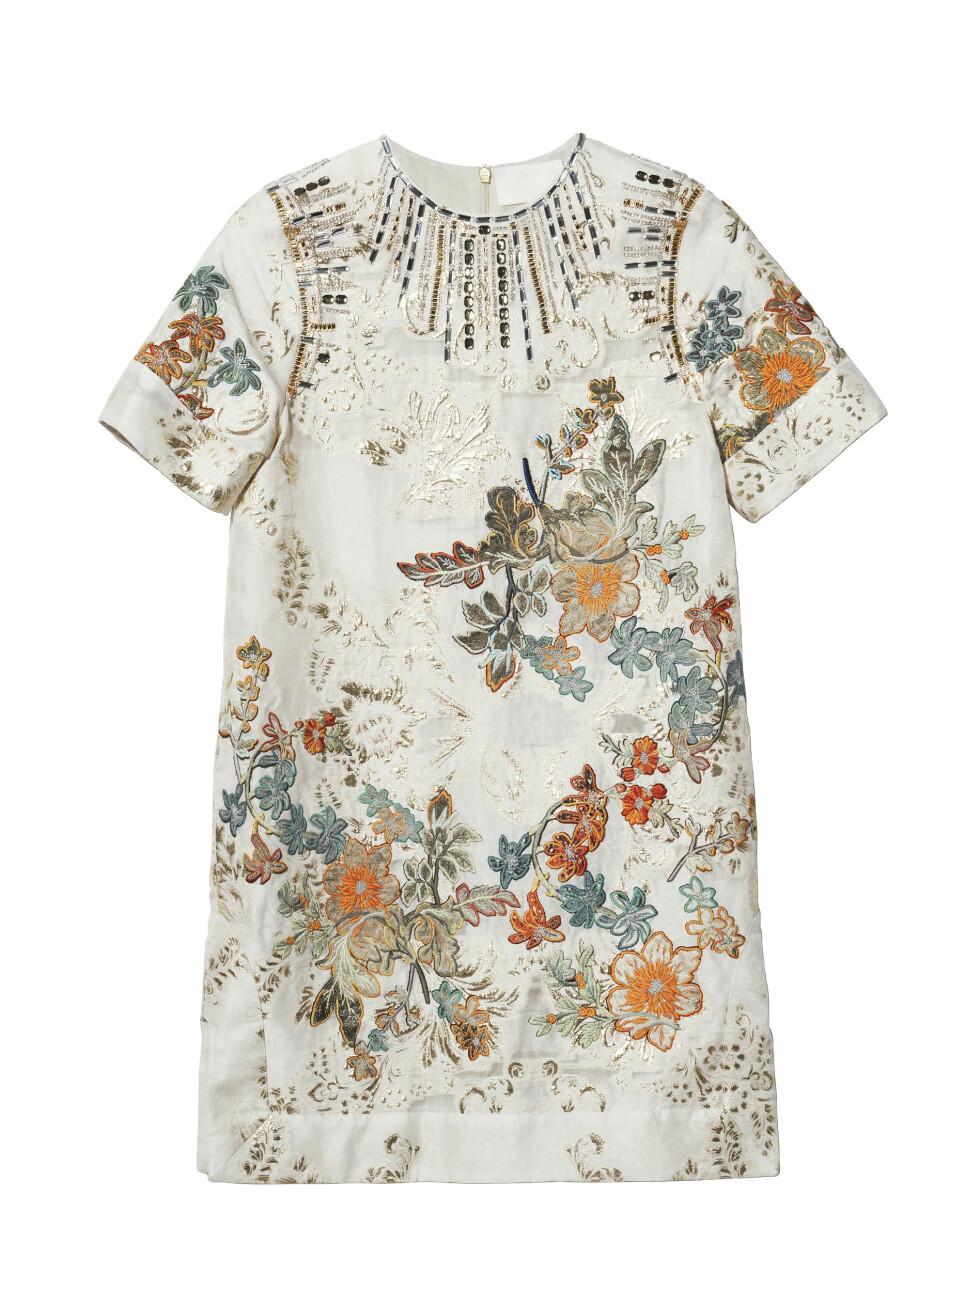 Kjole fra H&M, kr 1499. Foto: Produsenten